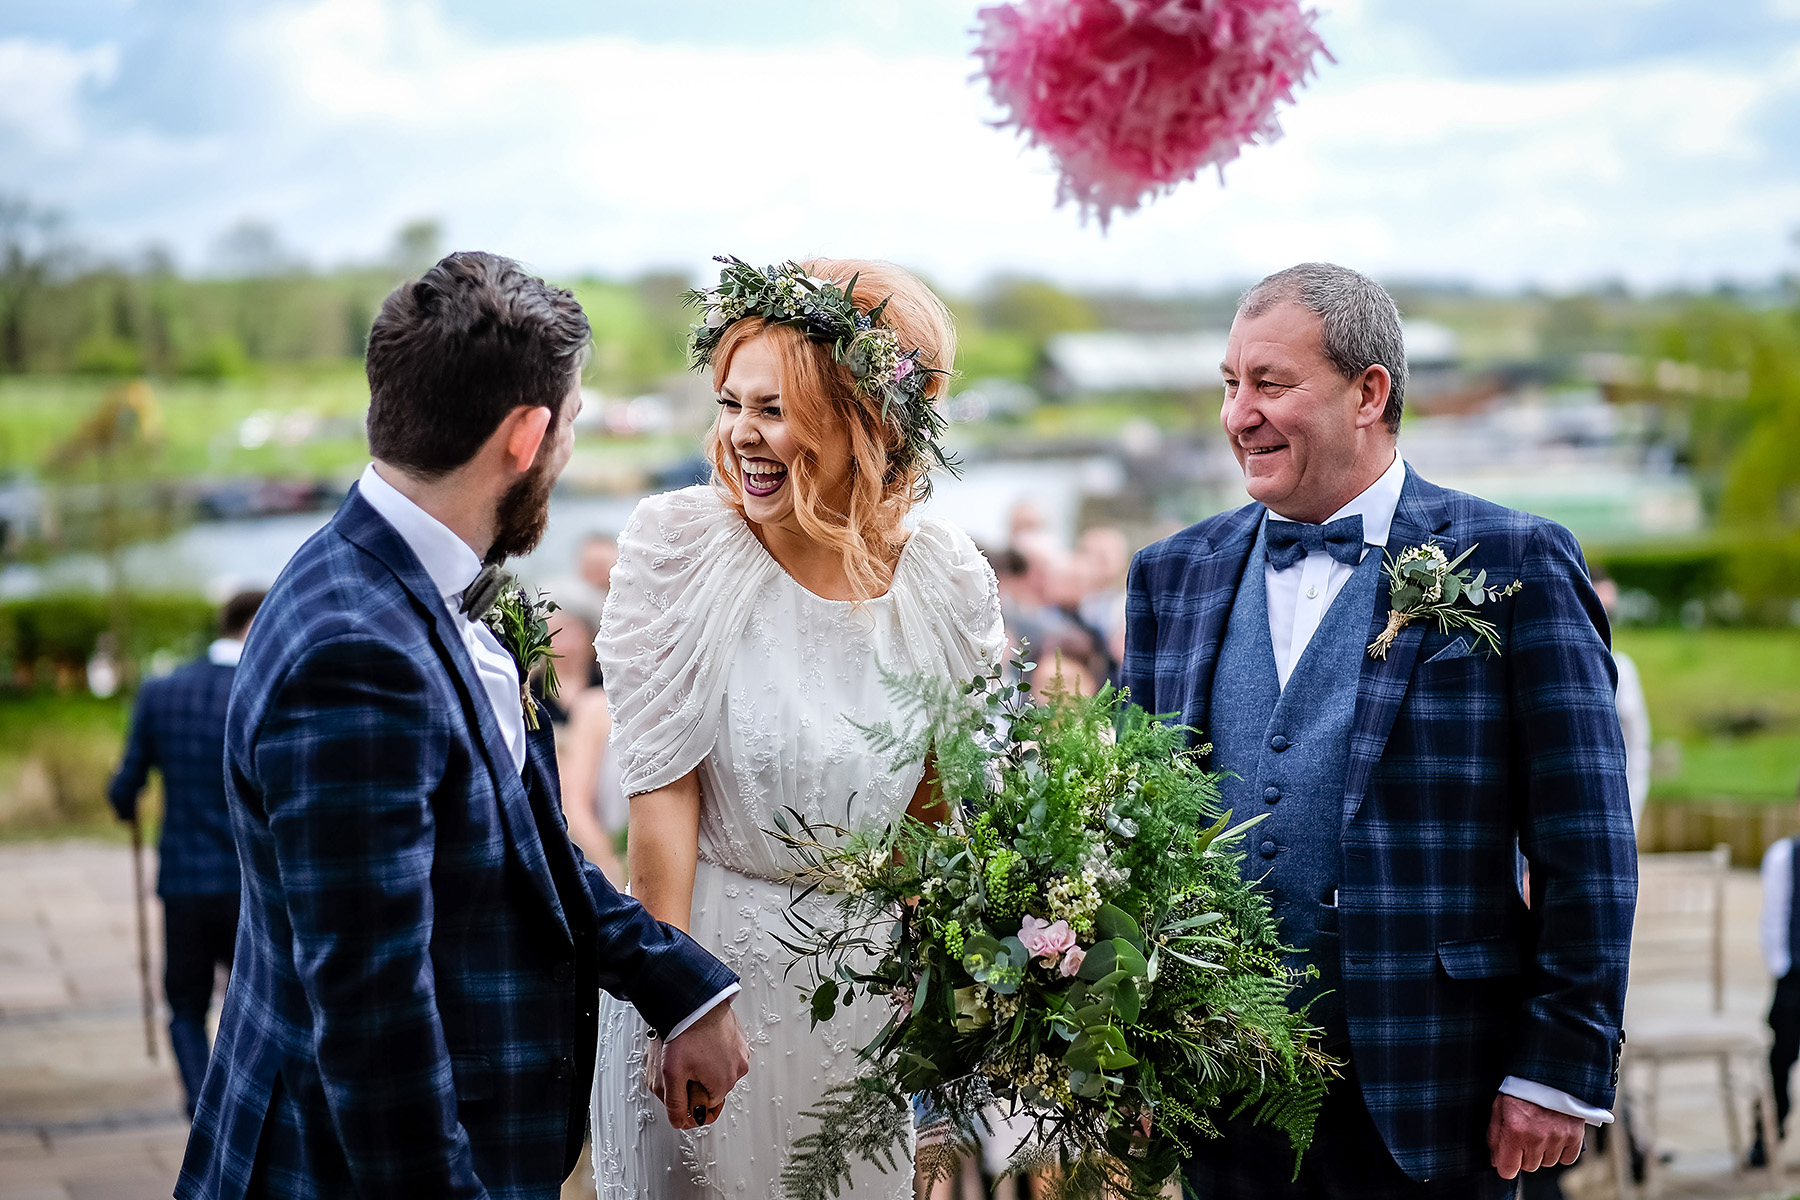 Wedding ceremony at Aston Marina